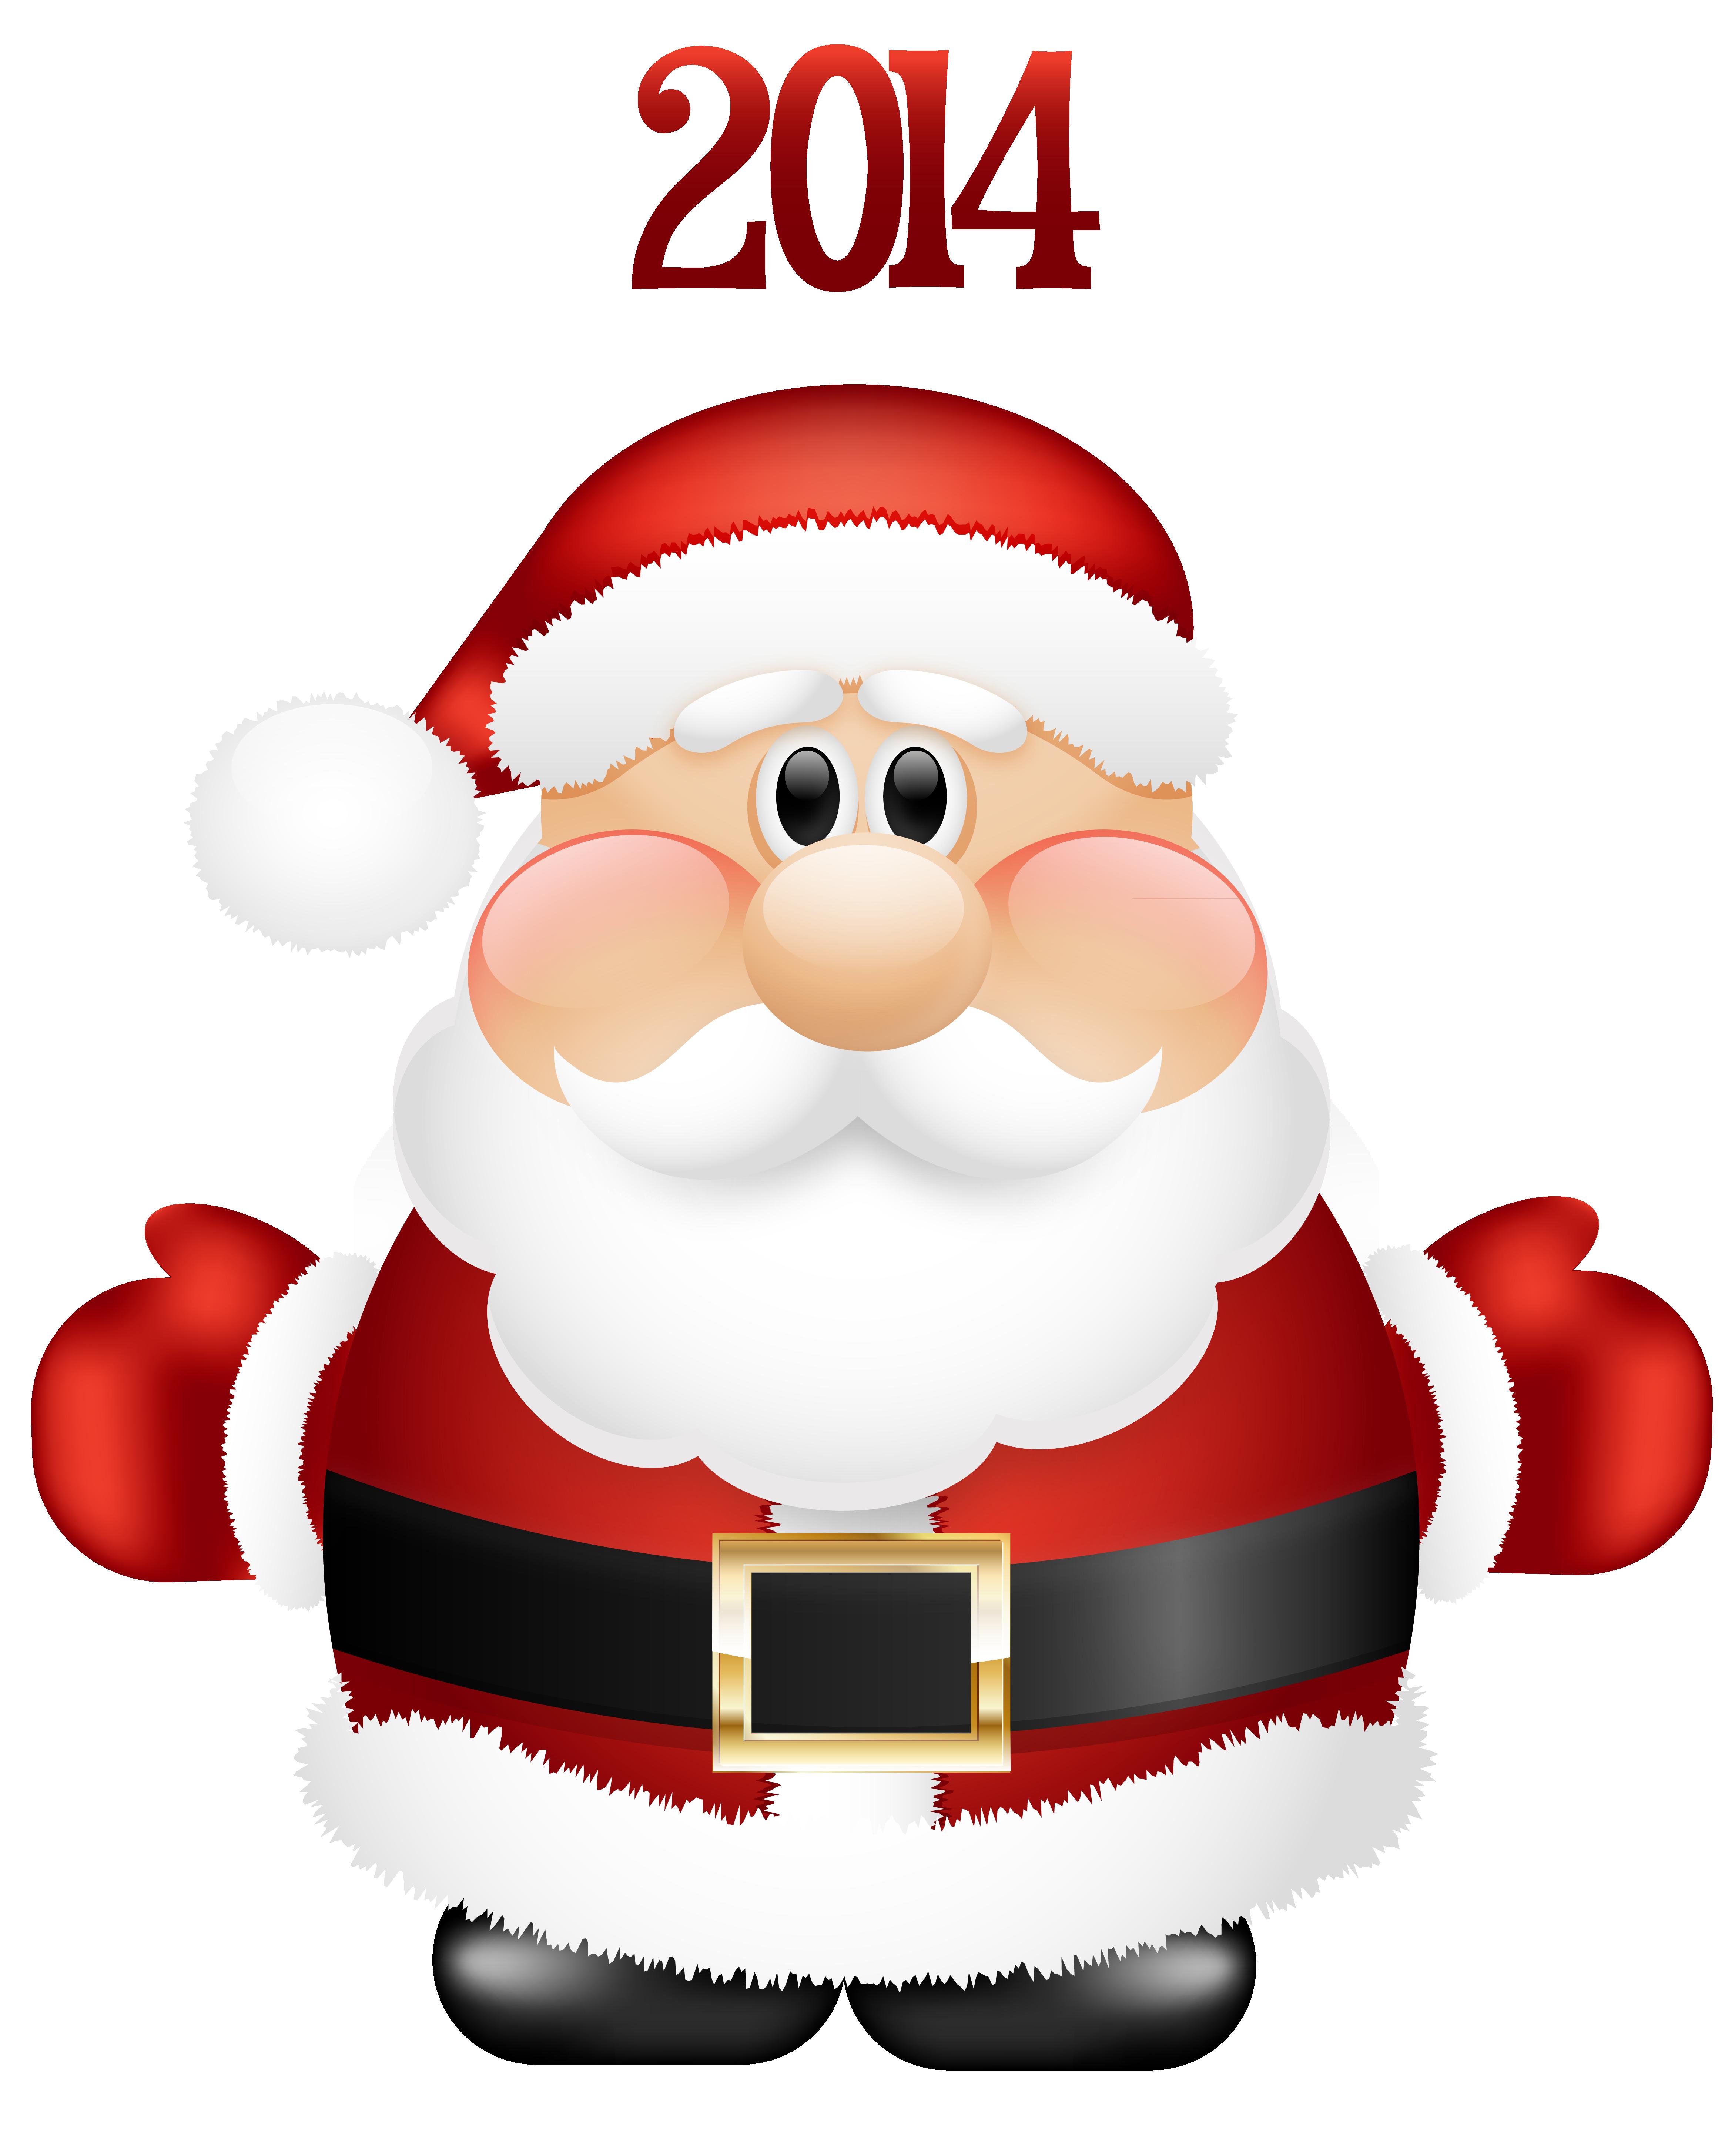 Santa clipart cute #13